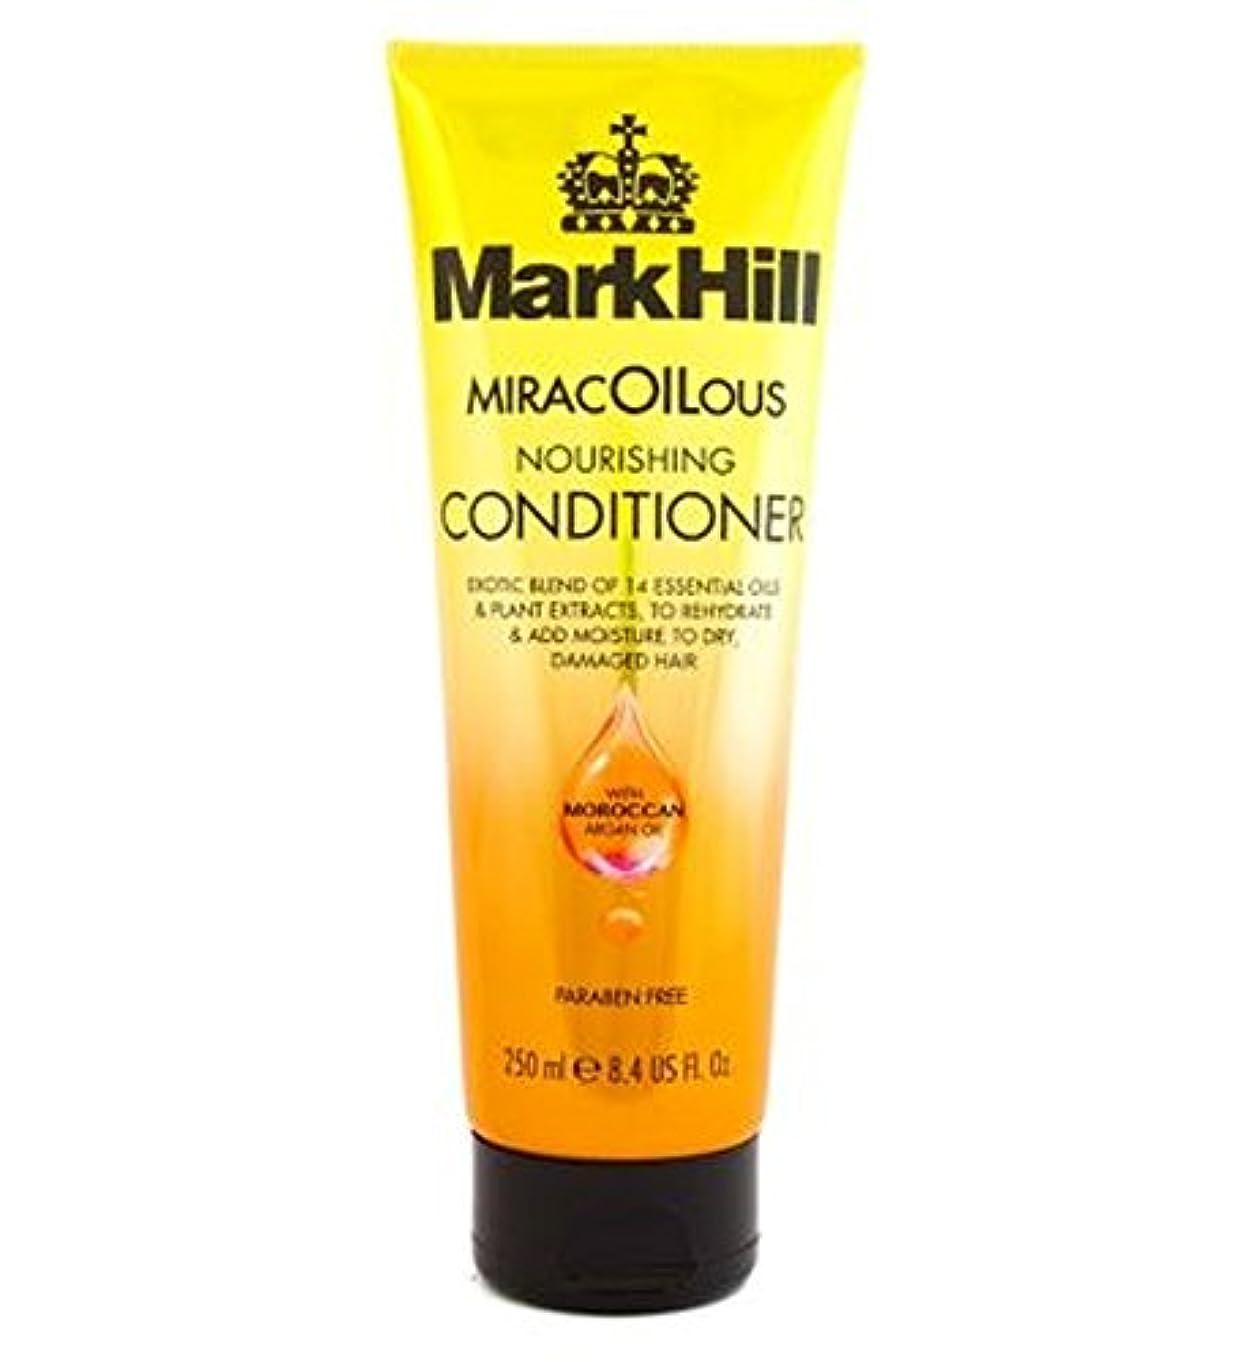 インク退却広いマーク丘Miracoiliciousコンディショナー250Ml (Mark Hill) (x2) - Mark Hill MiracOILicious Conditioner 250ml (Pack of 2) [並行輸入品]